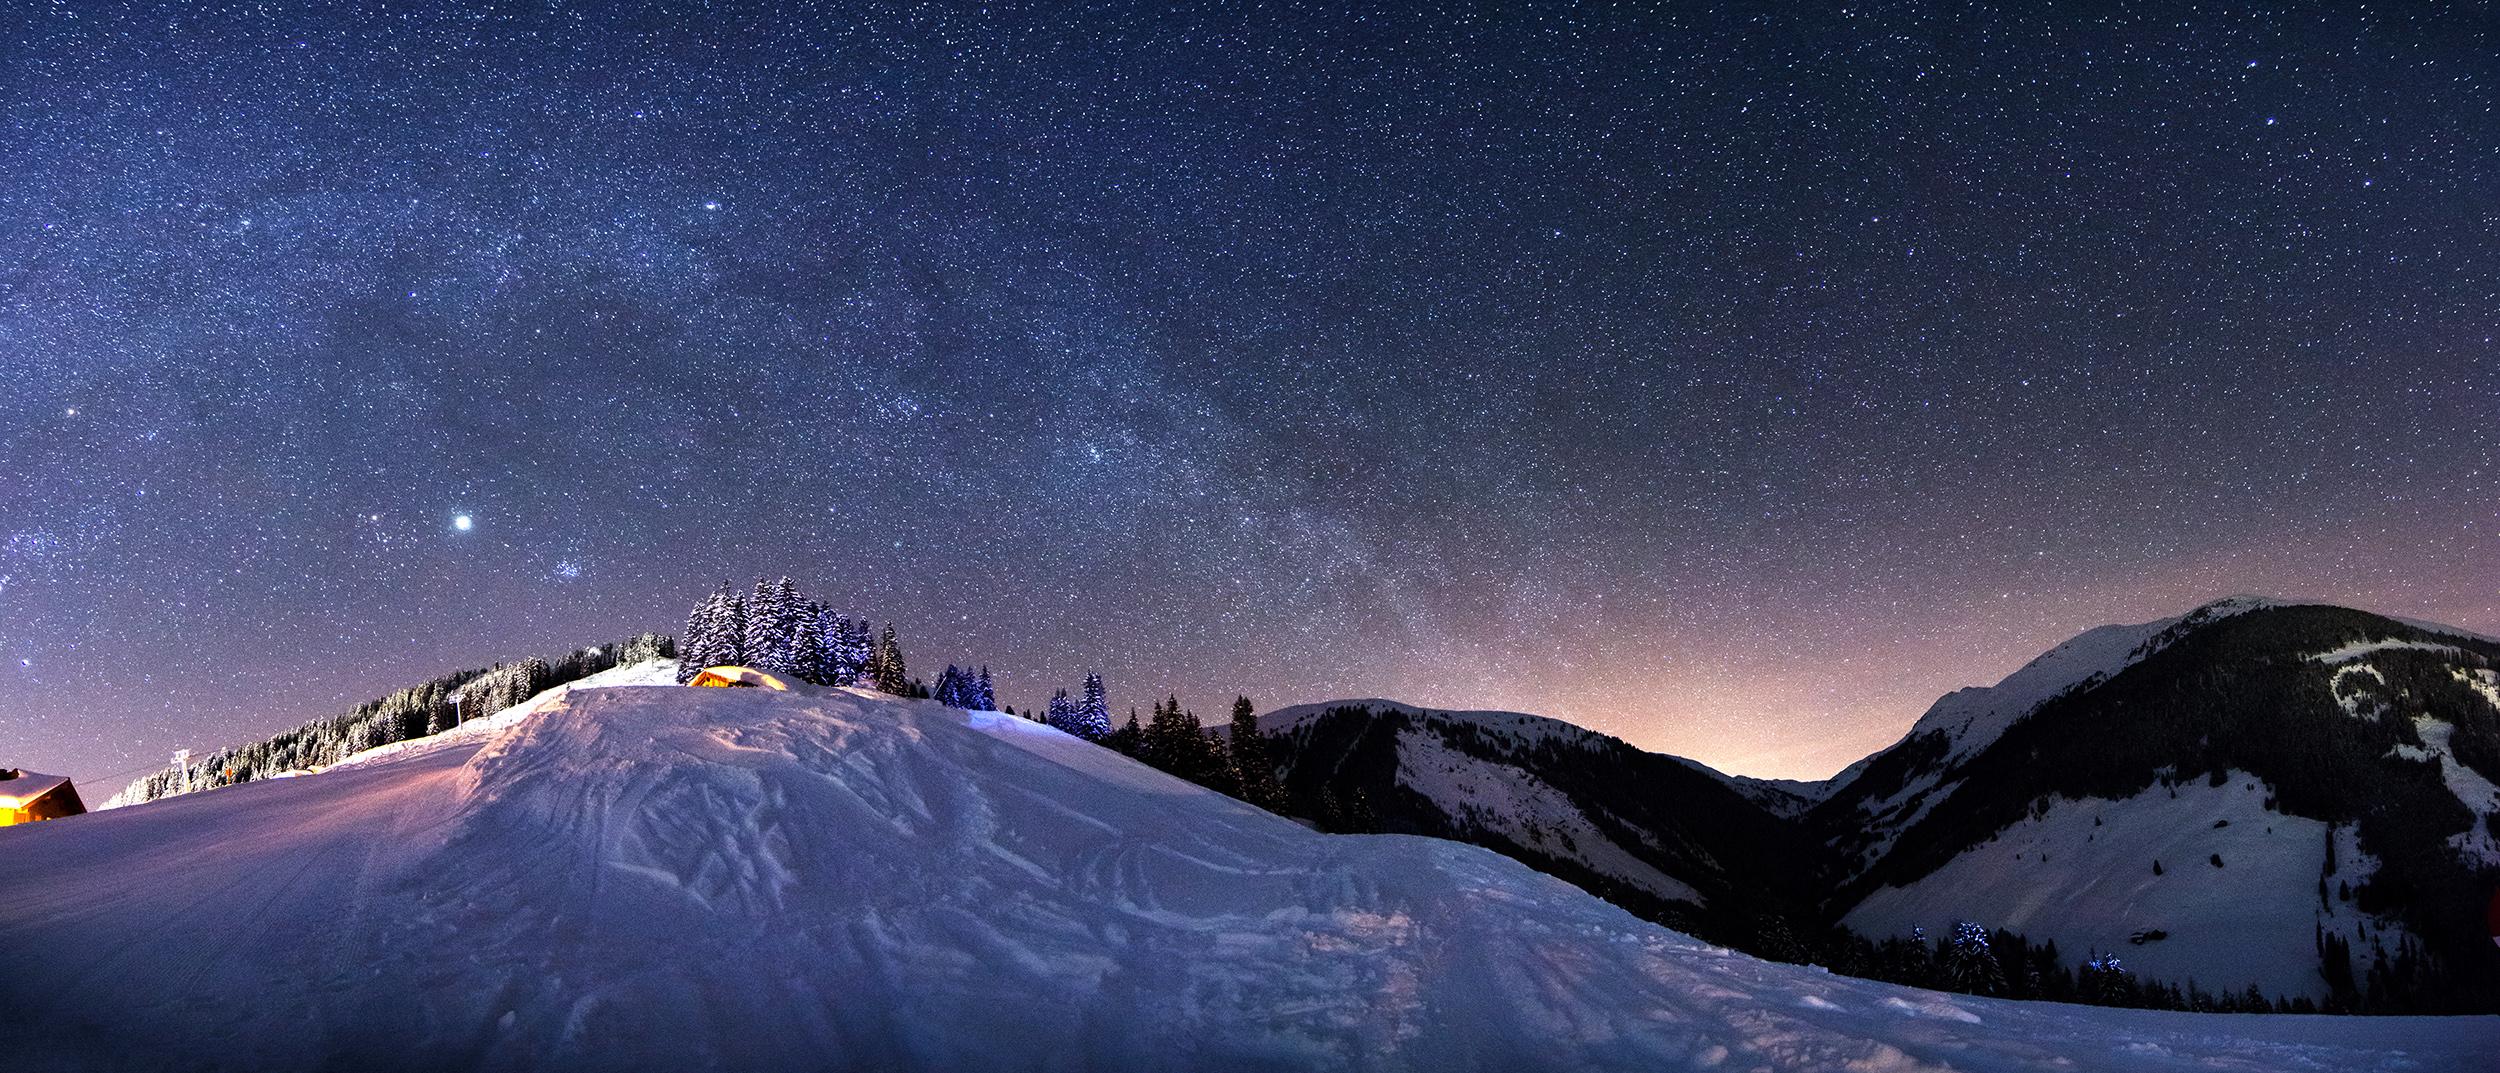 Bildergebnis für sternenhimmel